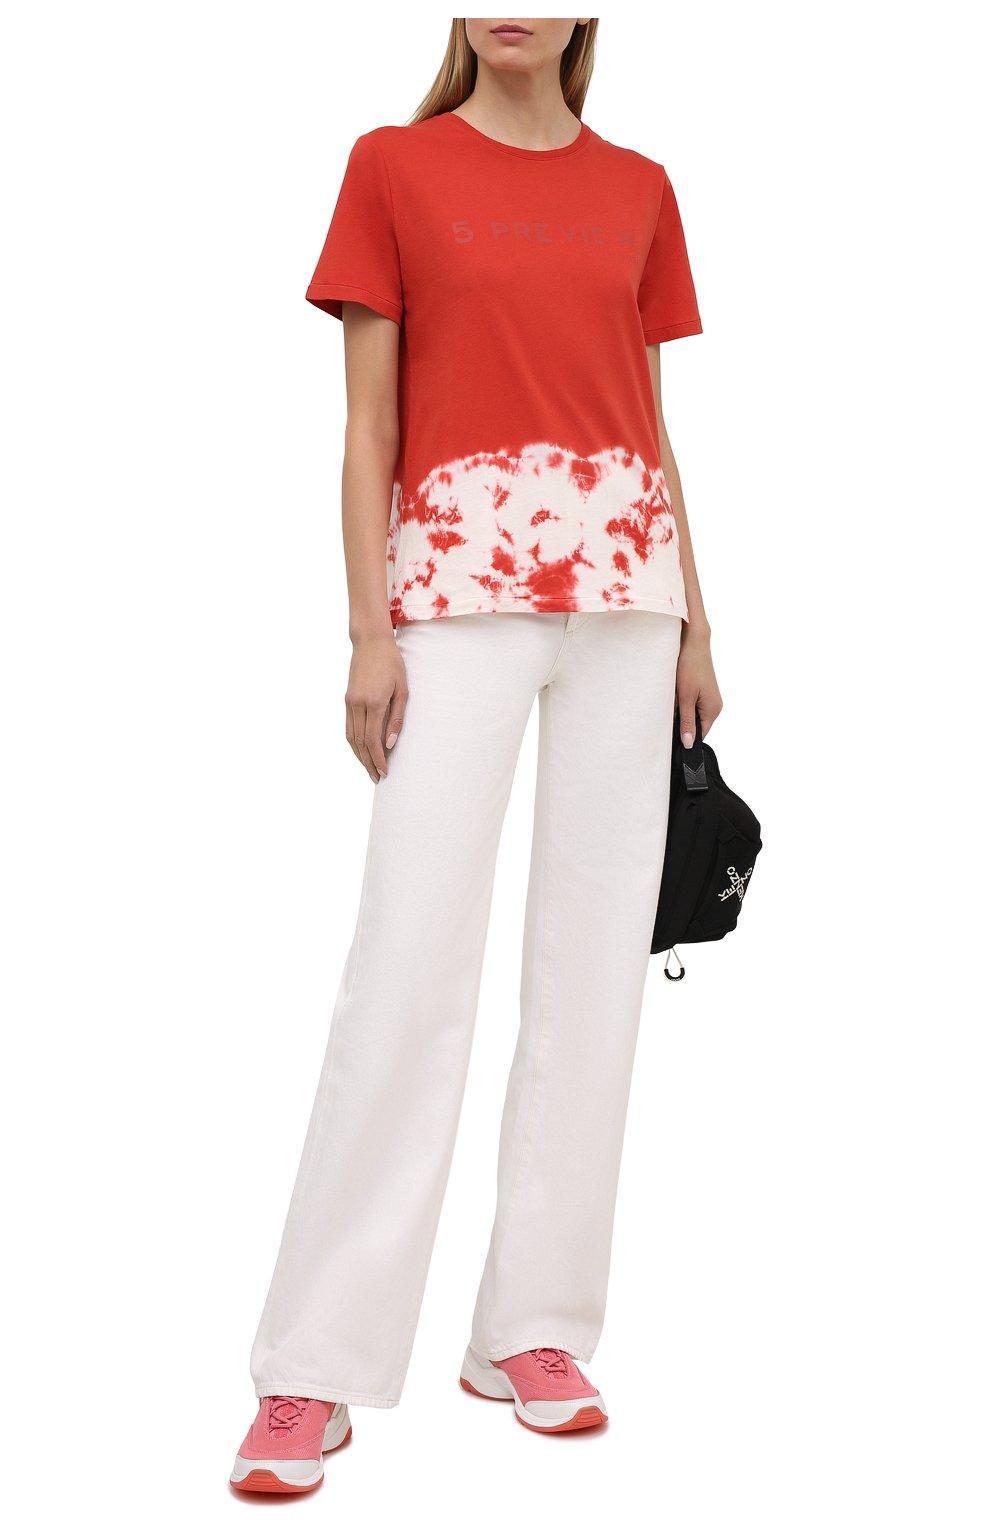 Женская хлопковая футболка 5PREVIEW красного цвета, арт. 5PW21044   Фото 2 (Рукава: Короткие; Длина (для топов): Стандартные; Принт: С принтом; Материал внешний: Хлопок; Стили: Спорт-шик; Женское Кросс-КТ: Футболка-одежда)